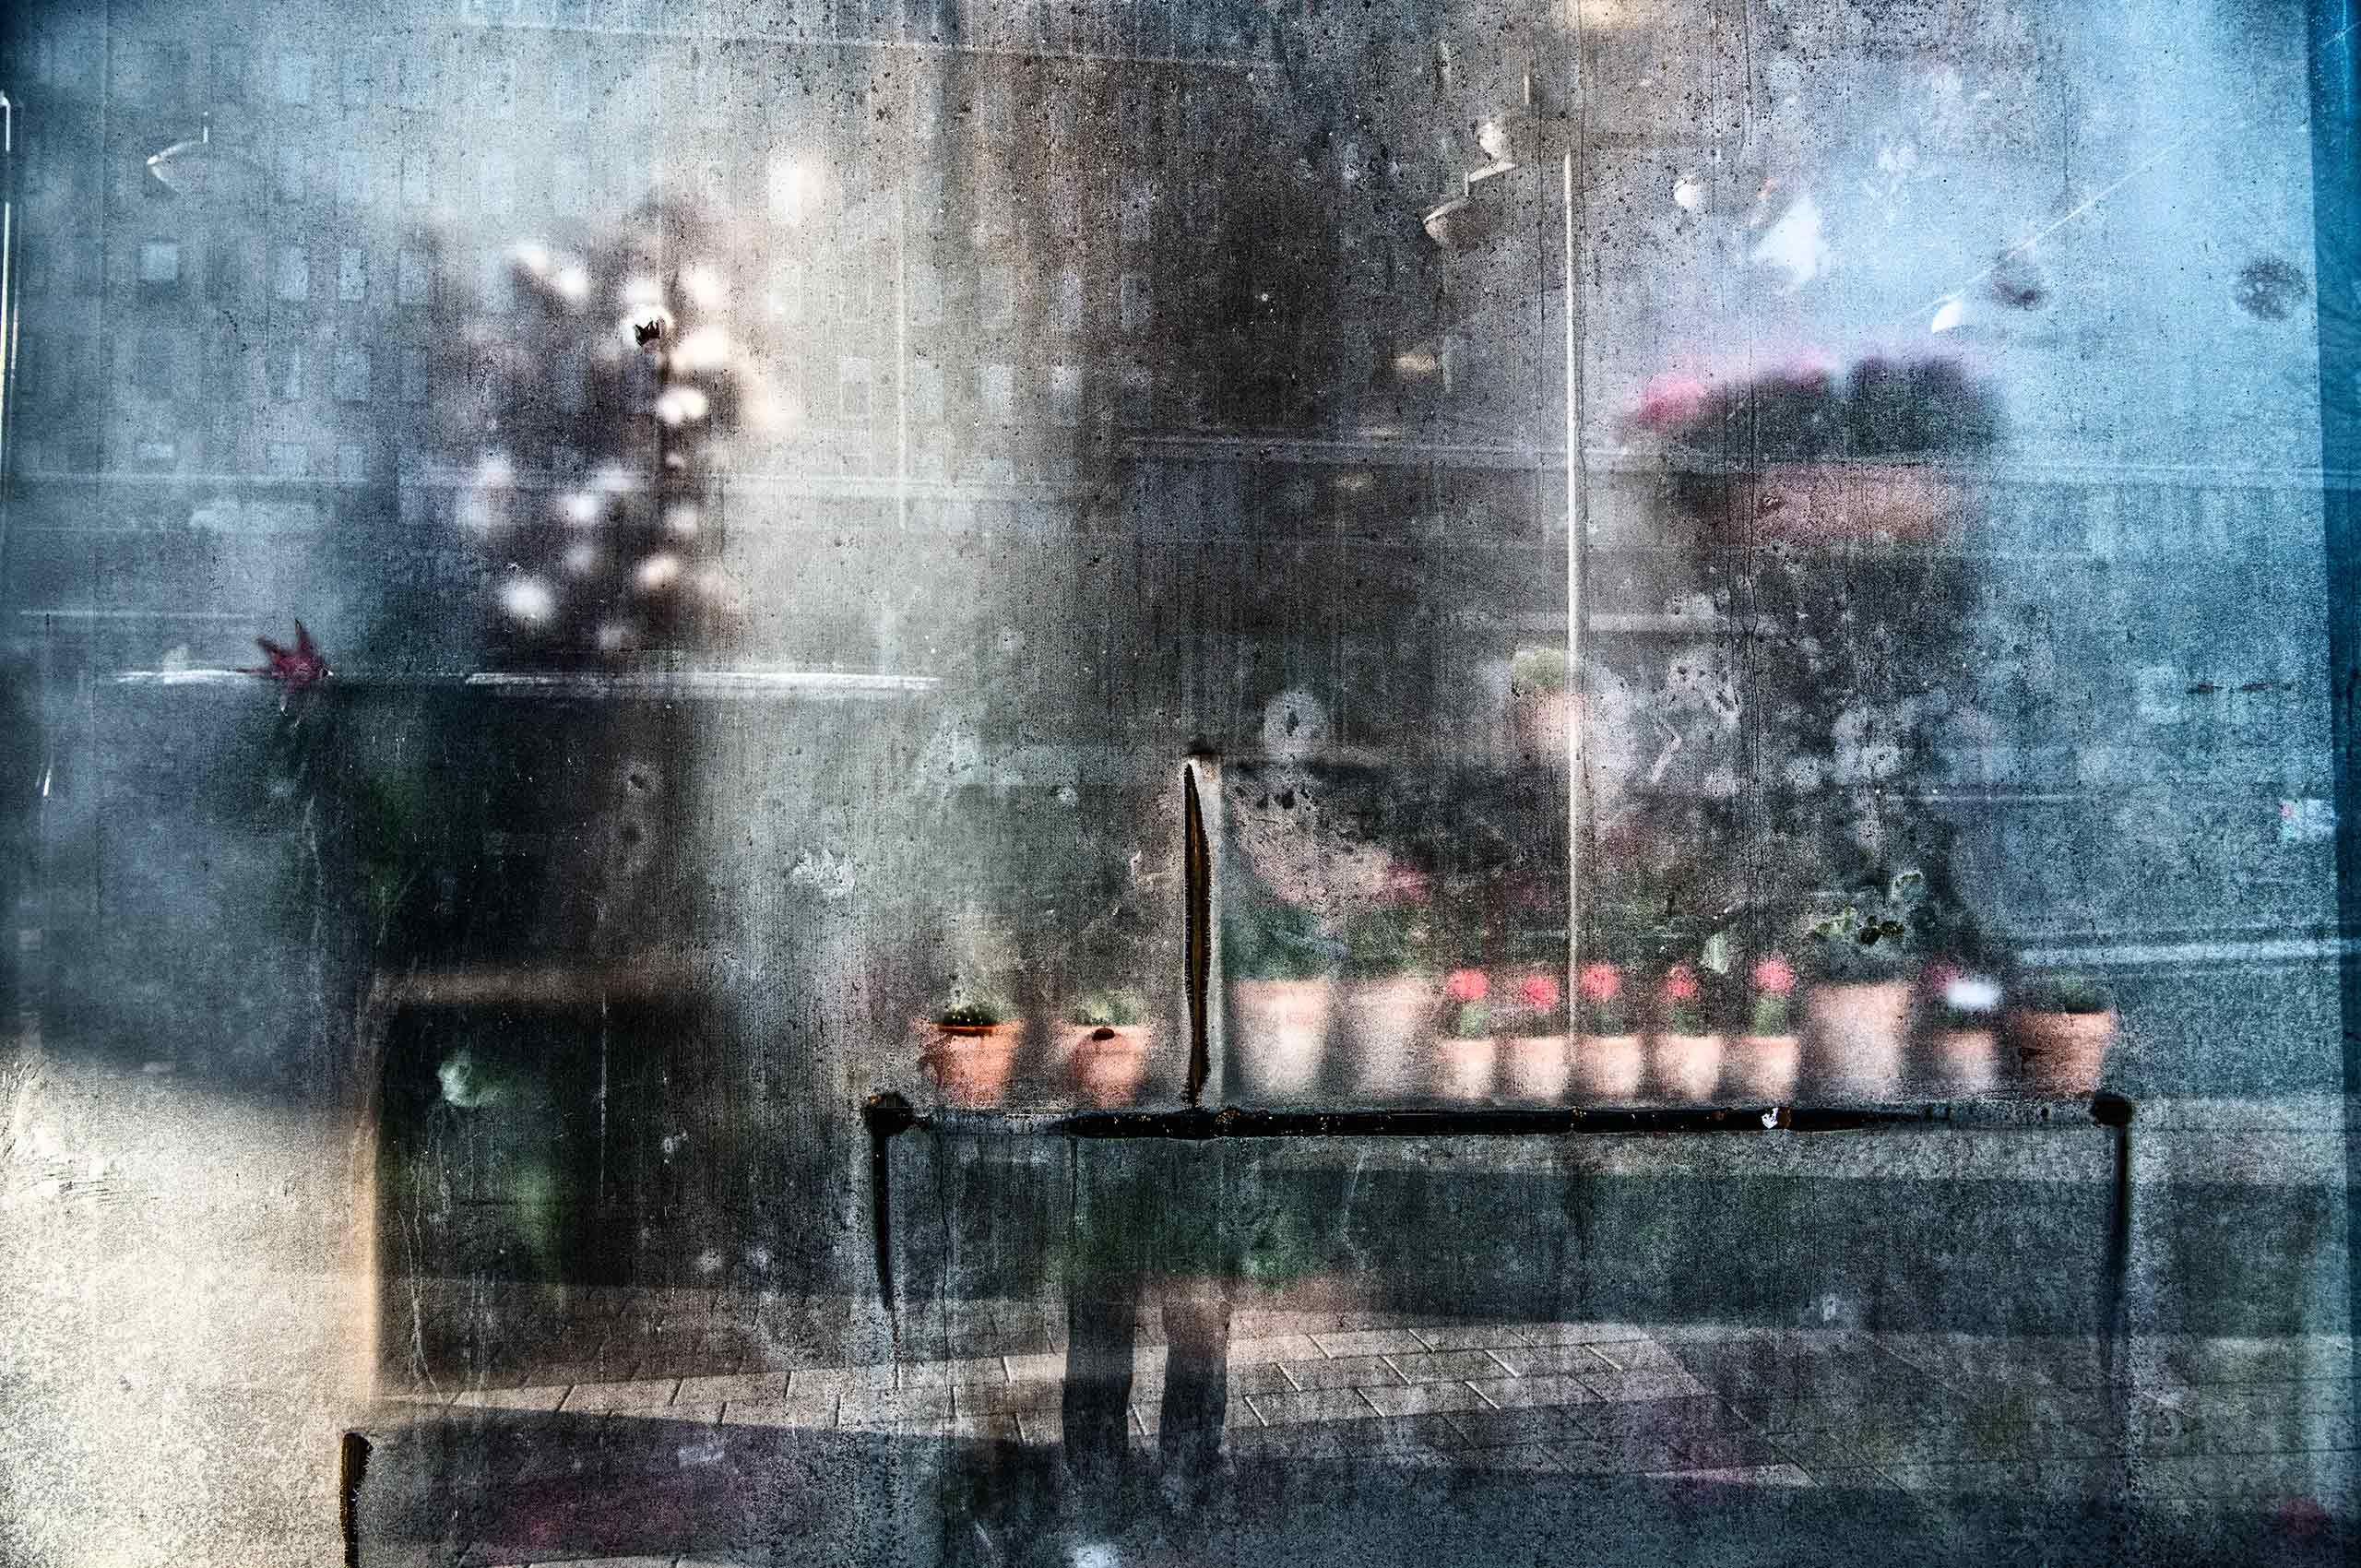 frosted-window-Stockholm-by-HenrikOlundPhotography.jpg